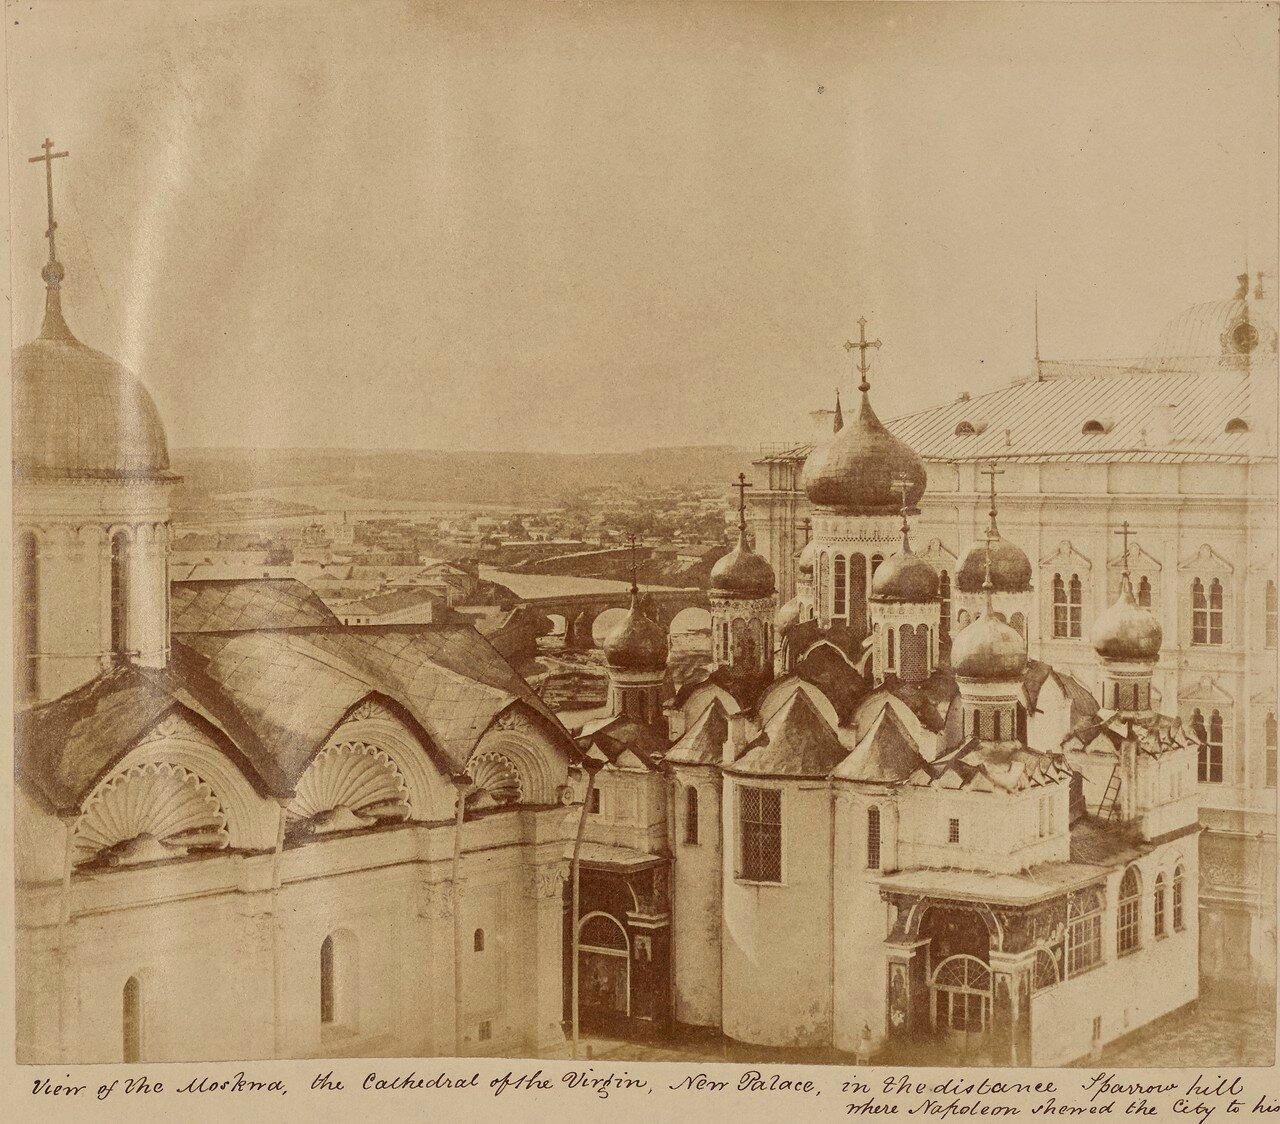 Вид на Москву, Благовещенский собор, Новый дворец и Воробьевы горы, откуда Наполеон показывал своим солдатам город